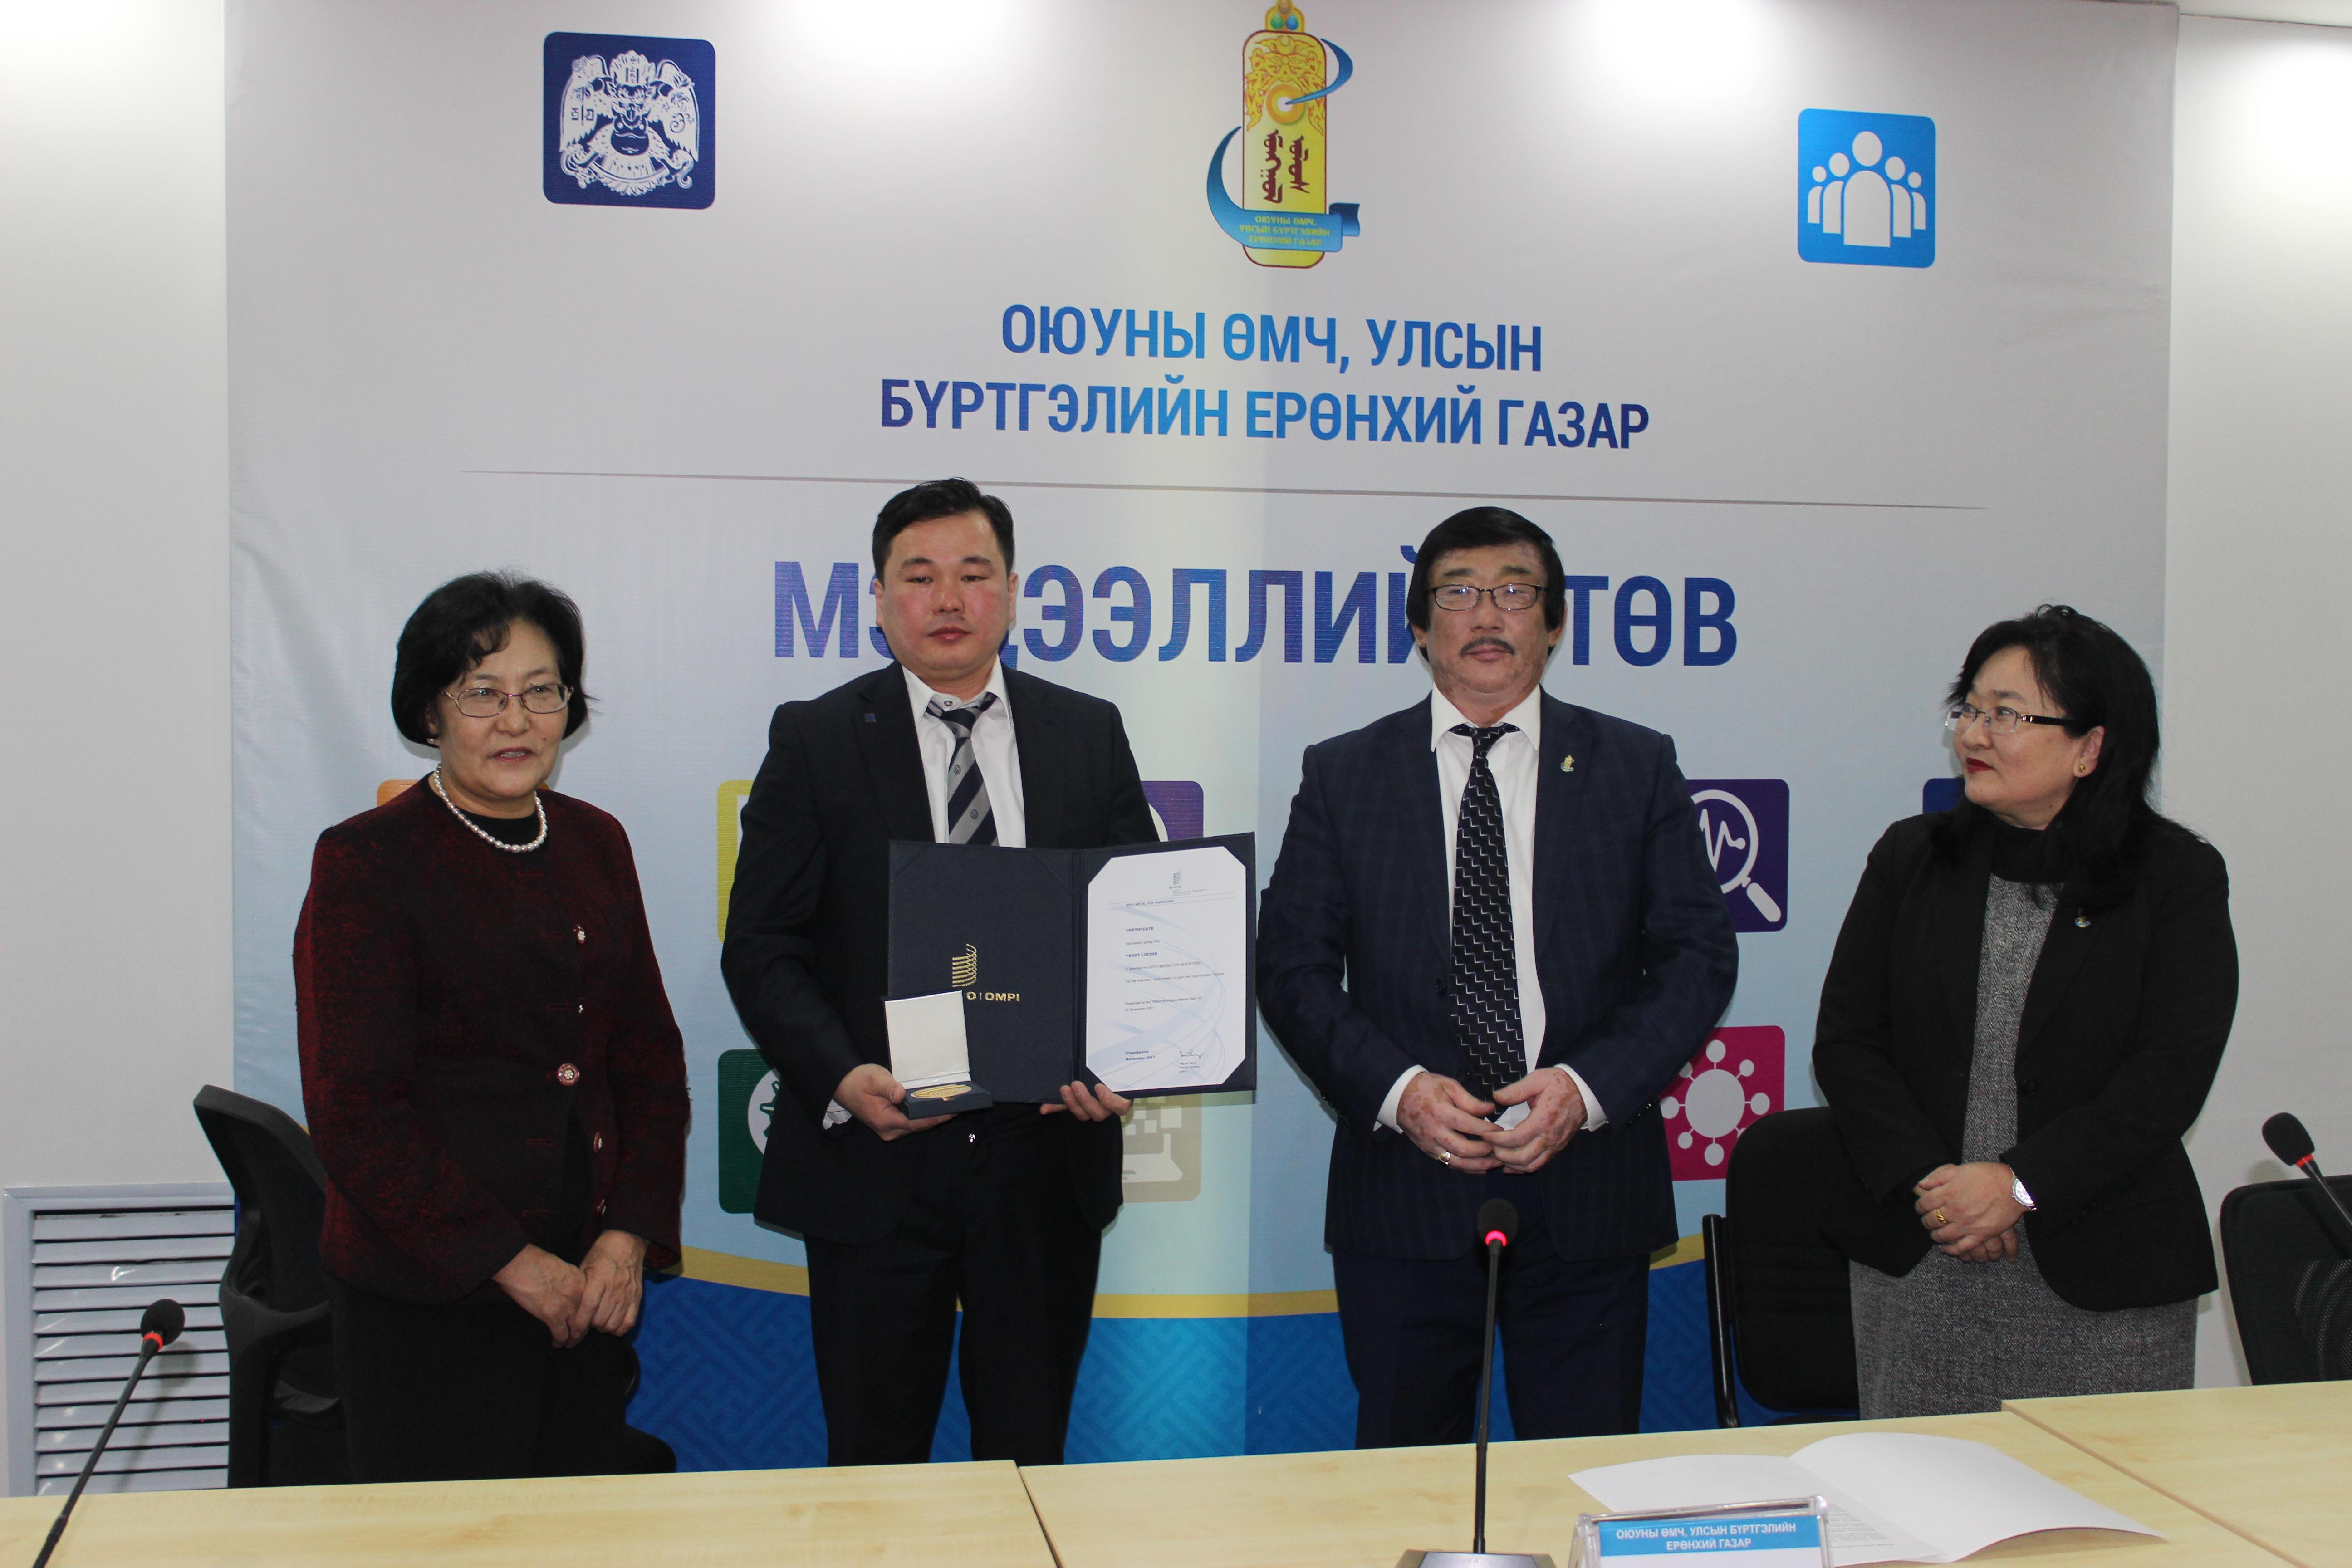 Монгол эмчийн оюуны бүтээл дэлхийн шилдгээр шалгарчээ